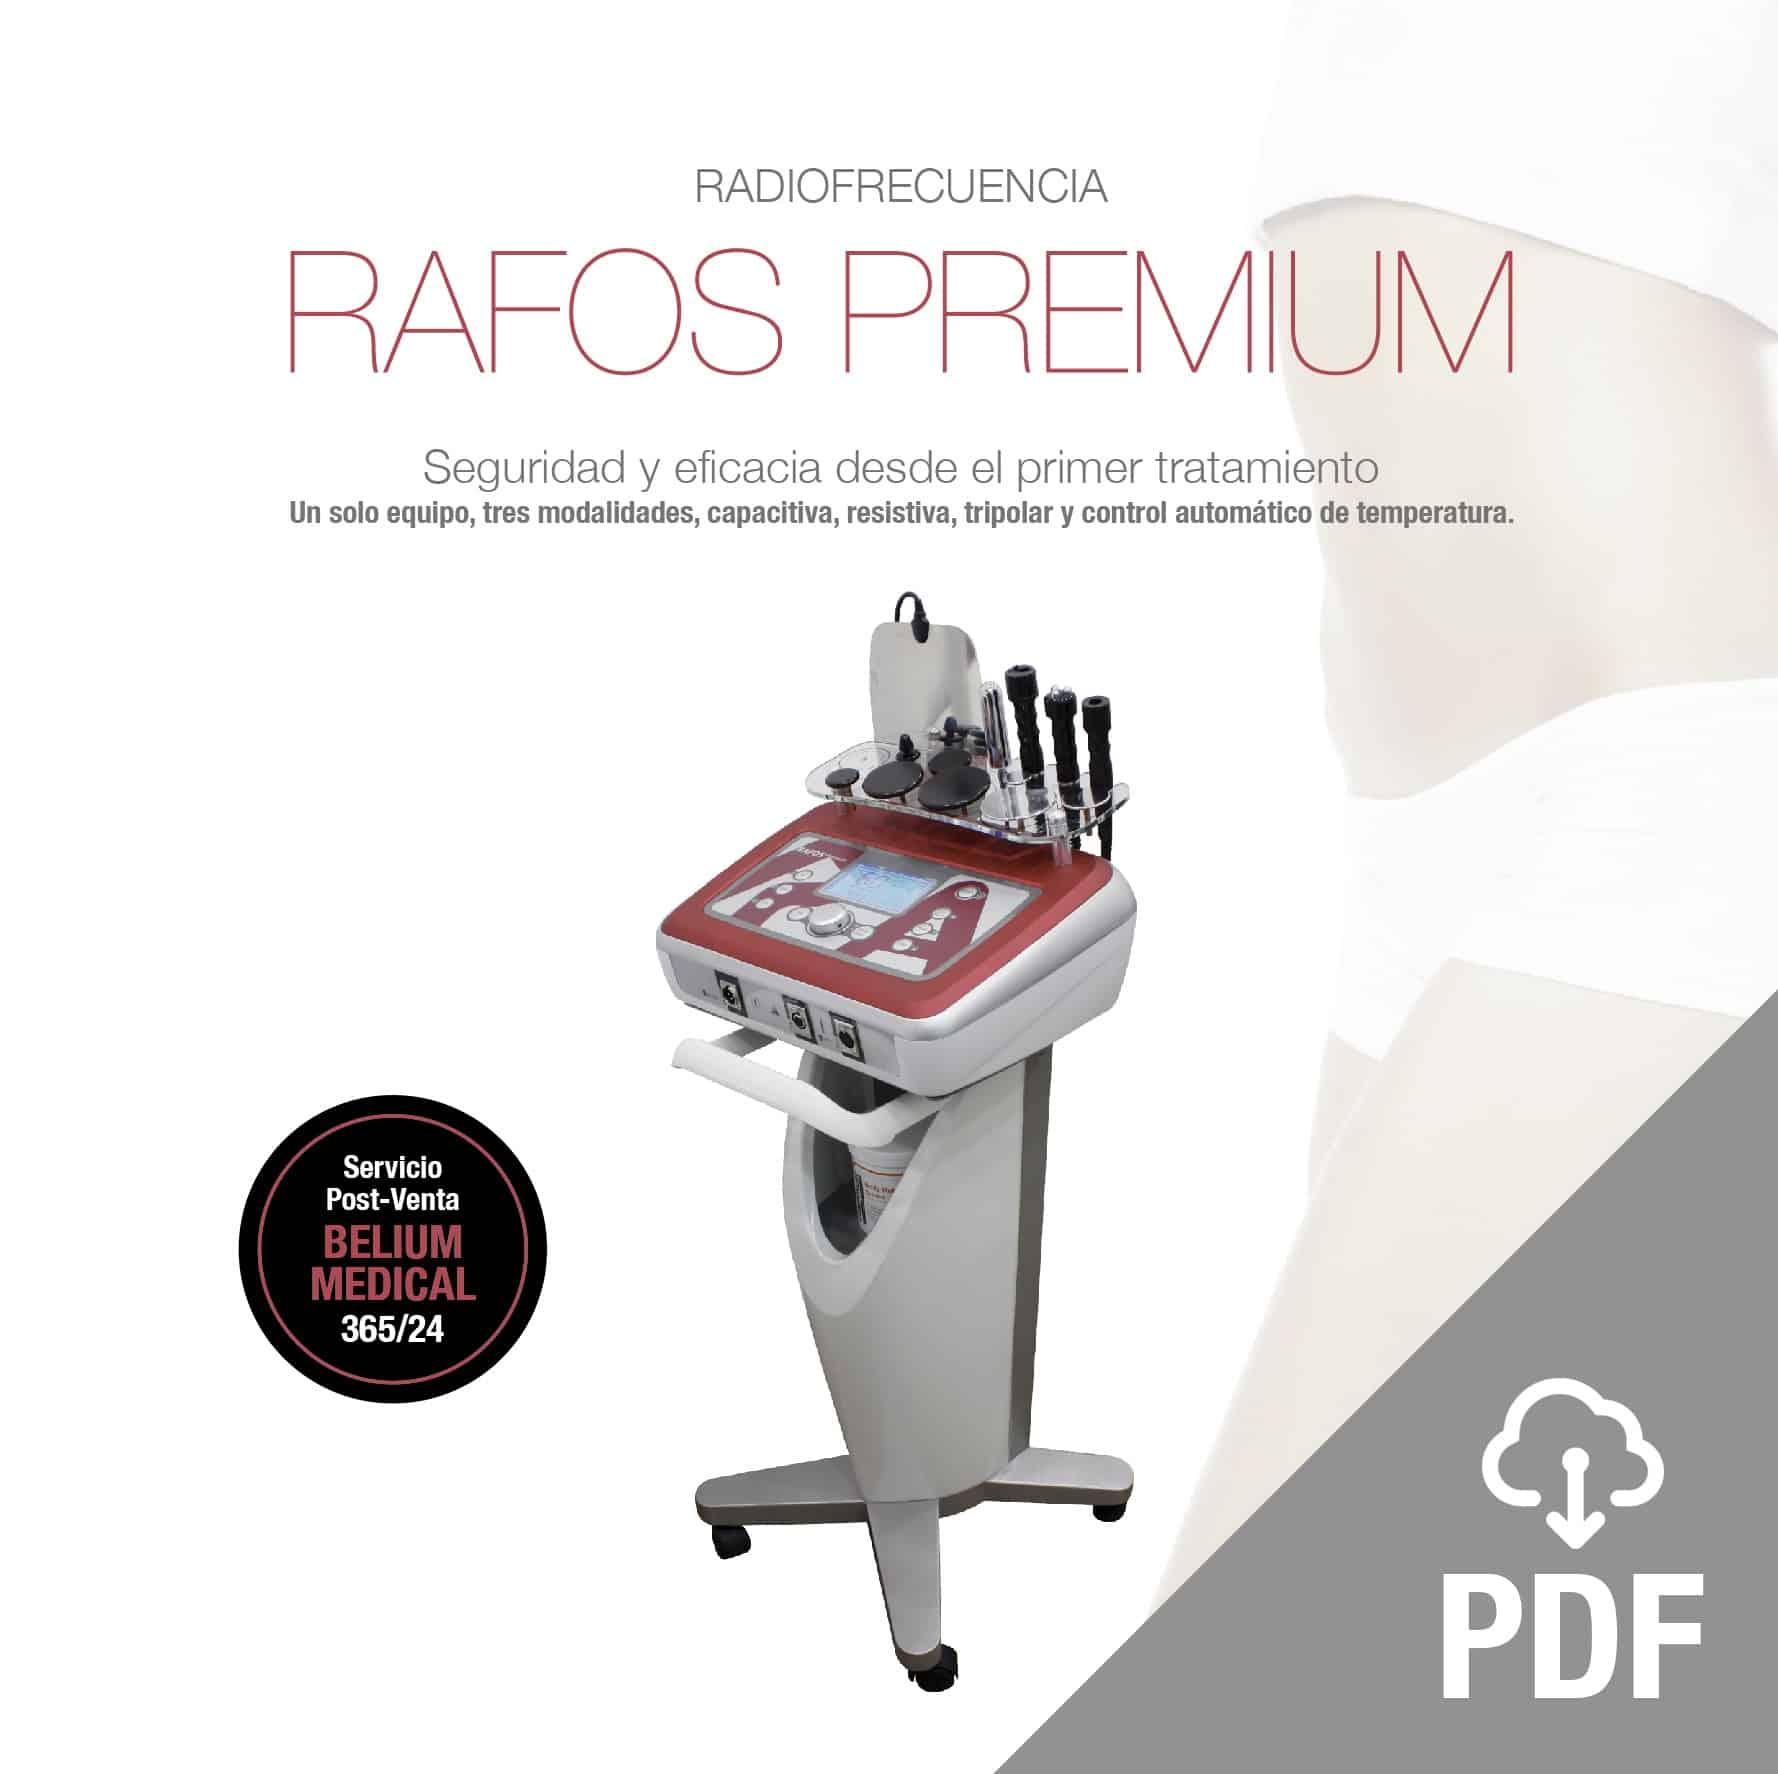 rafos premium radiofrecuencia capacitiva, resistiva y tripolar pdf. Diatermia, estético y terapéutipo. Belium Medical